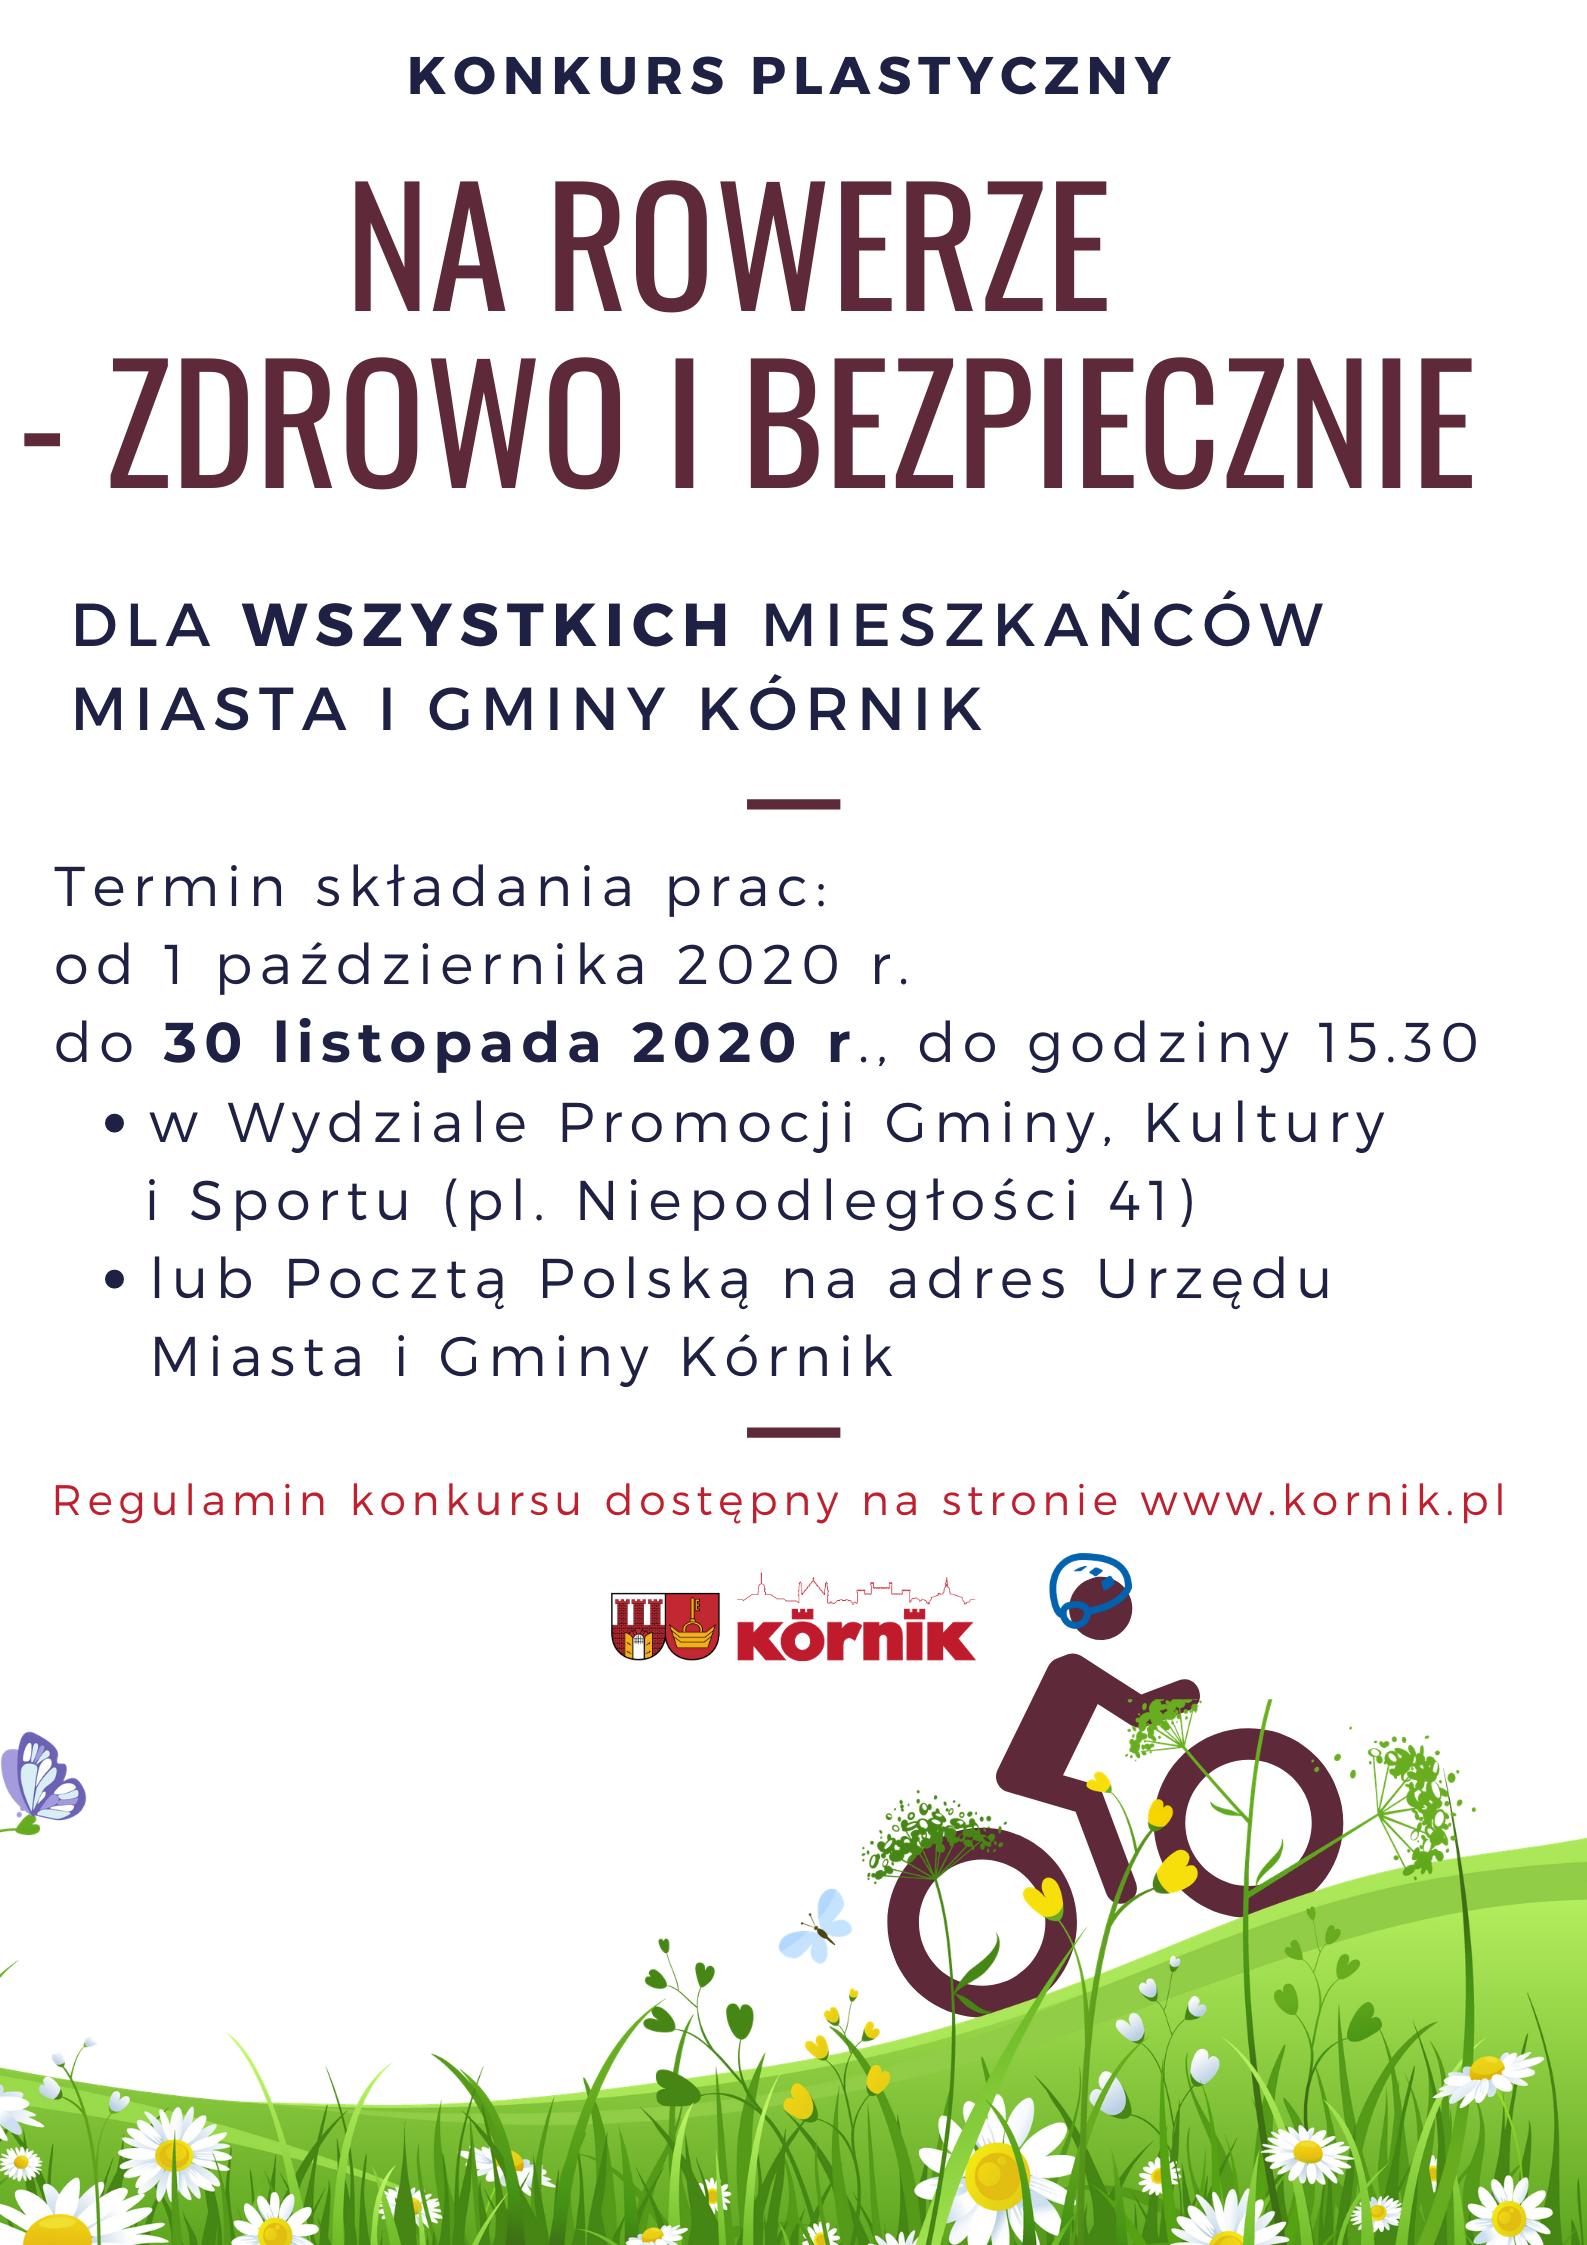 """Plakat konkursu """"Na rowerze- zdrowo i bezpiecznie"""". Podstawowe informacje takie jak w treści ogłoszenia. Grafika to rowerzysta w kasku na łące."""